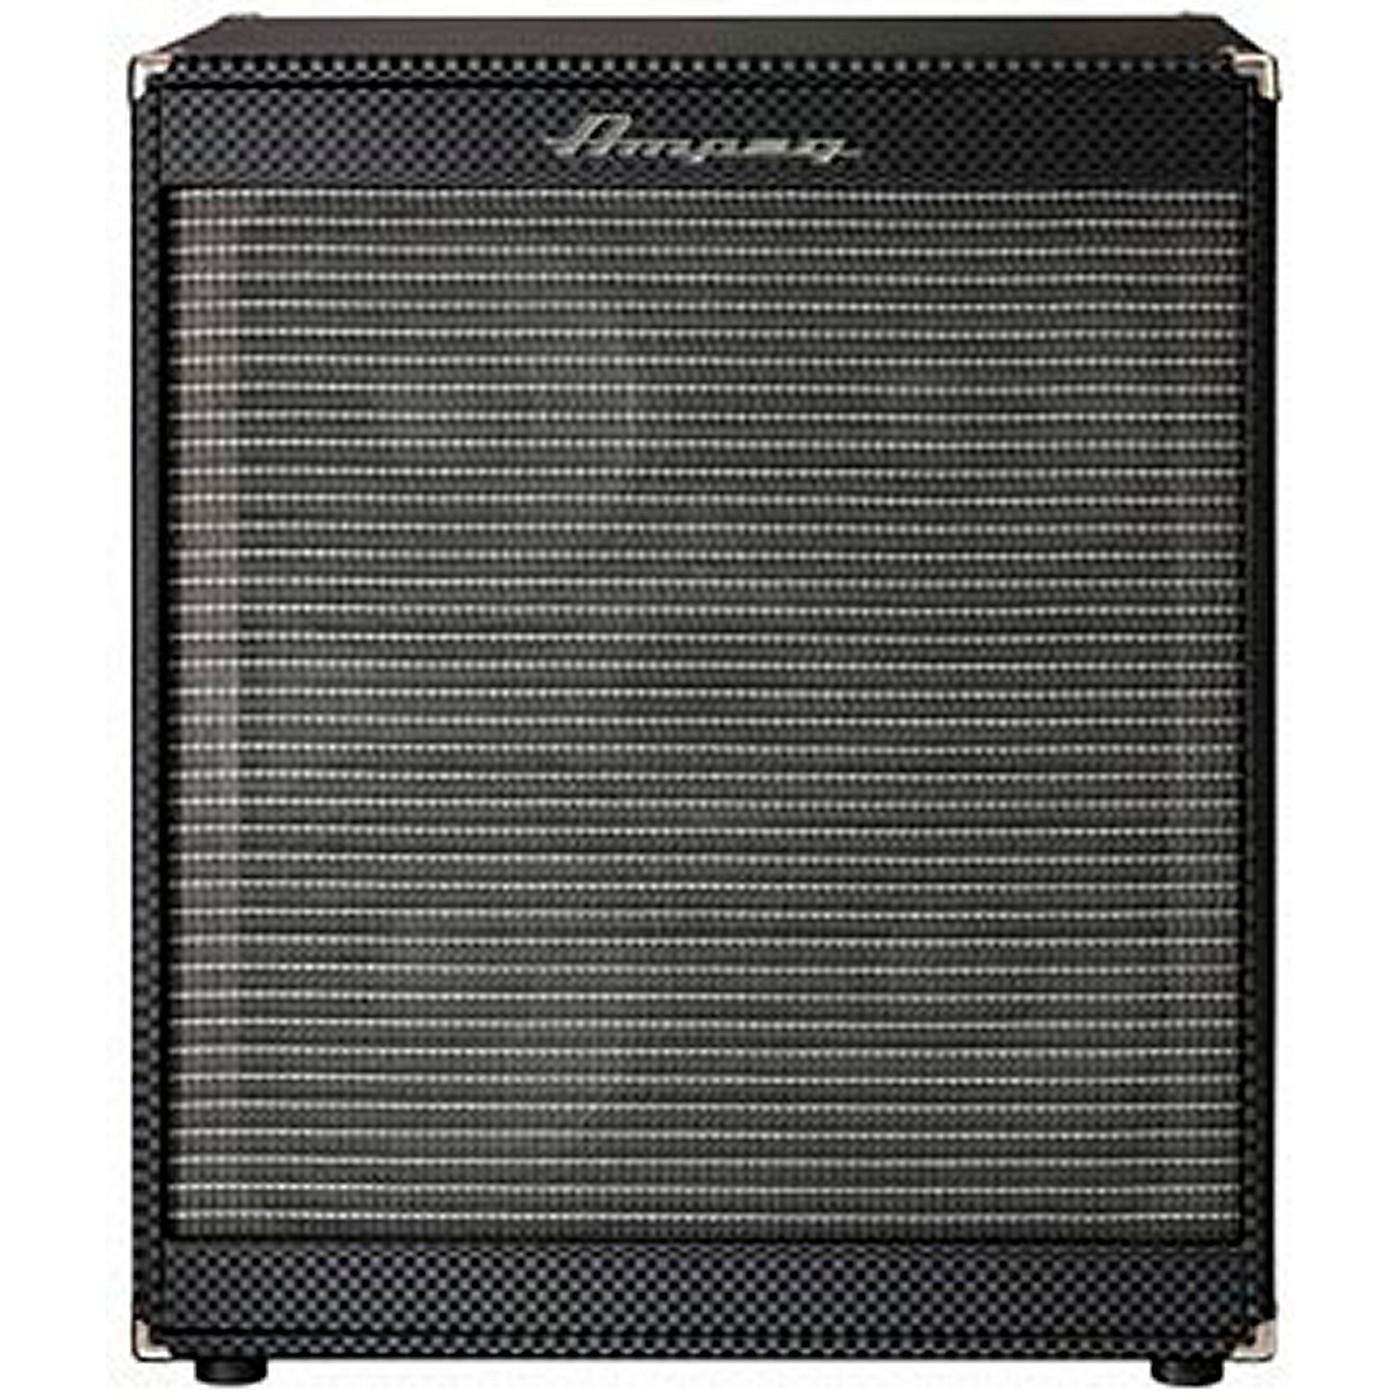 Ampeg Portaflex Series PF-410HLF 4x10 800W Bass Speaker Cabinet thumbnail